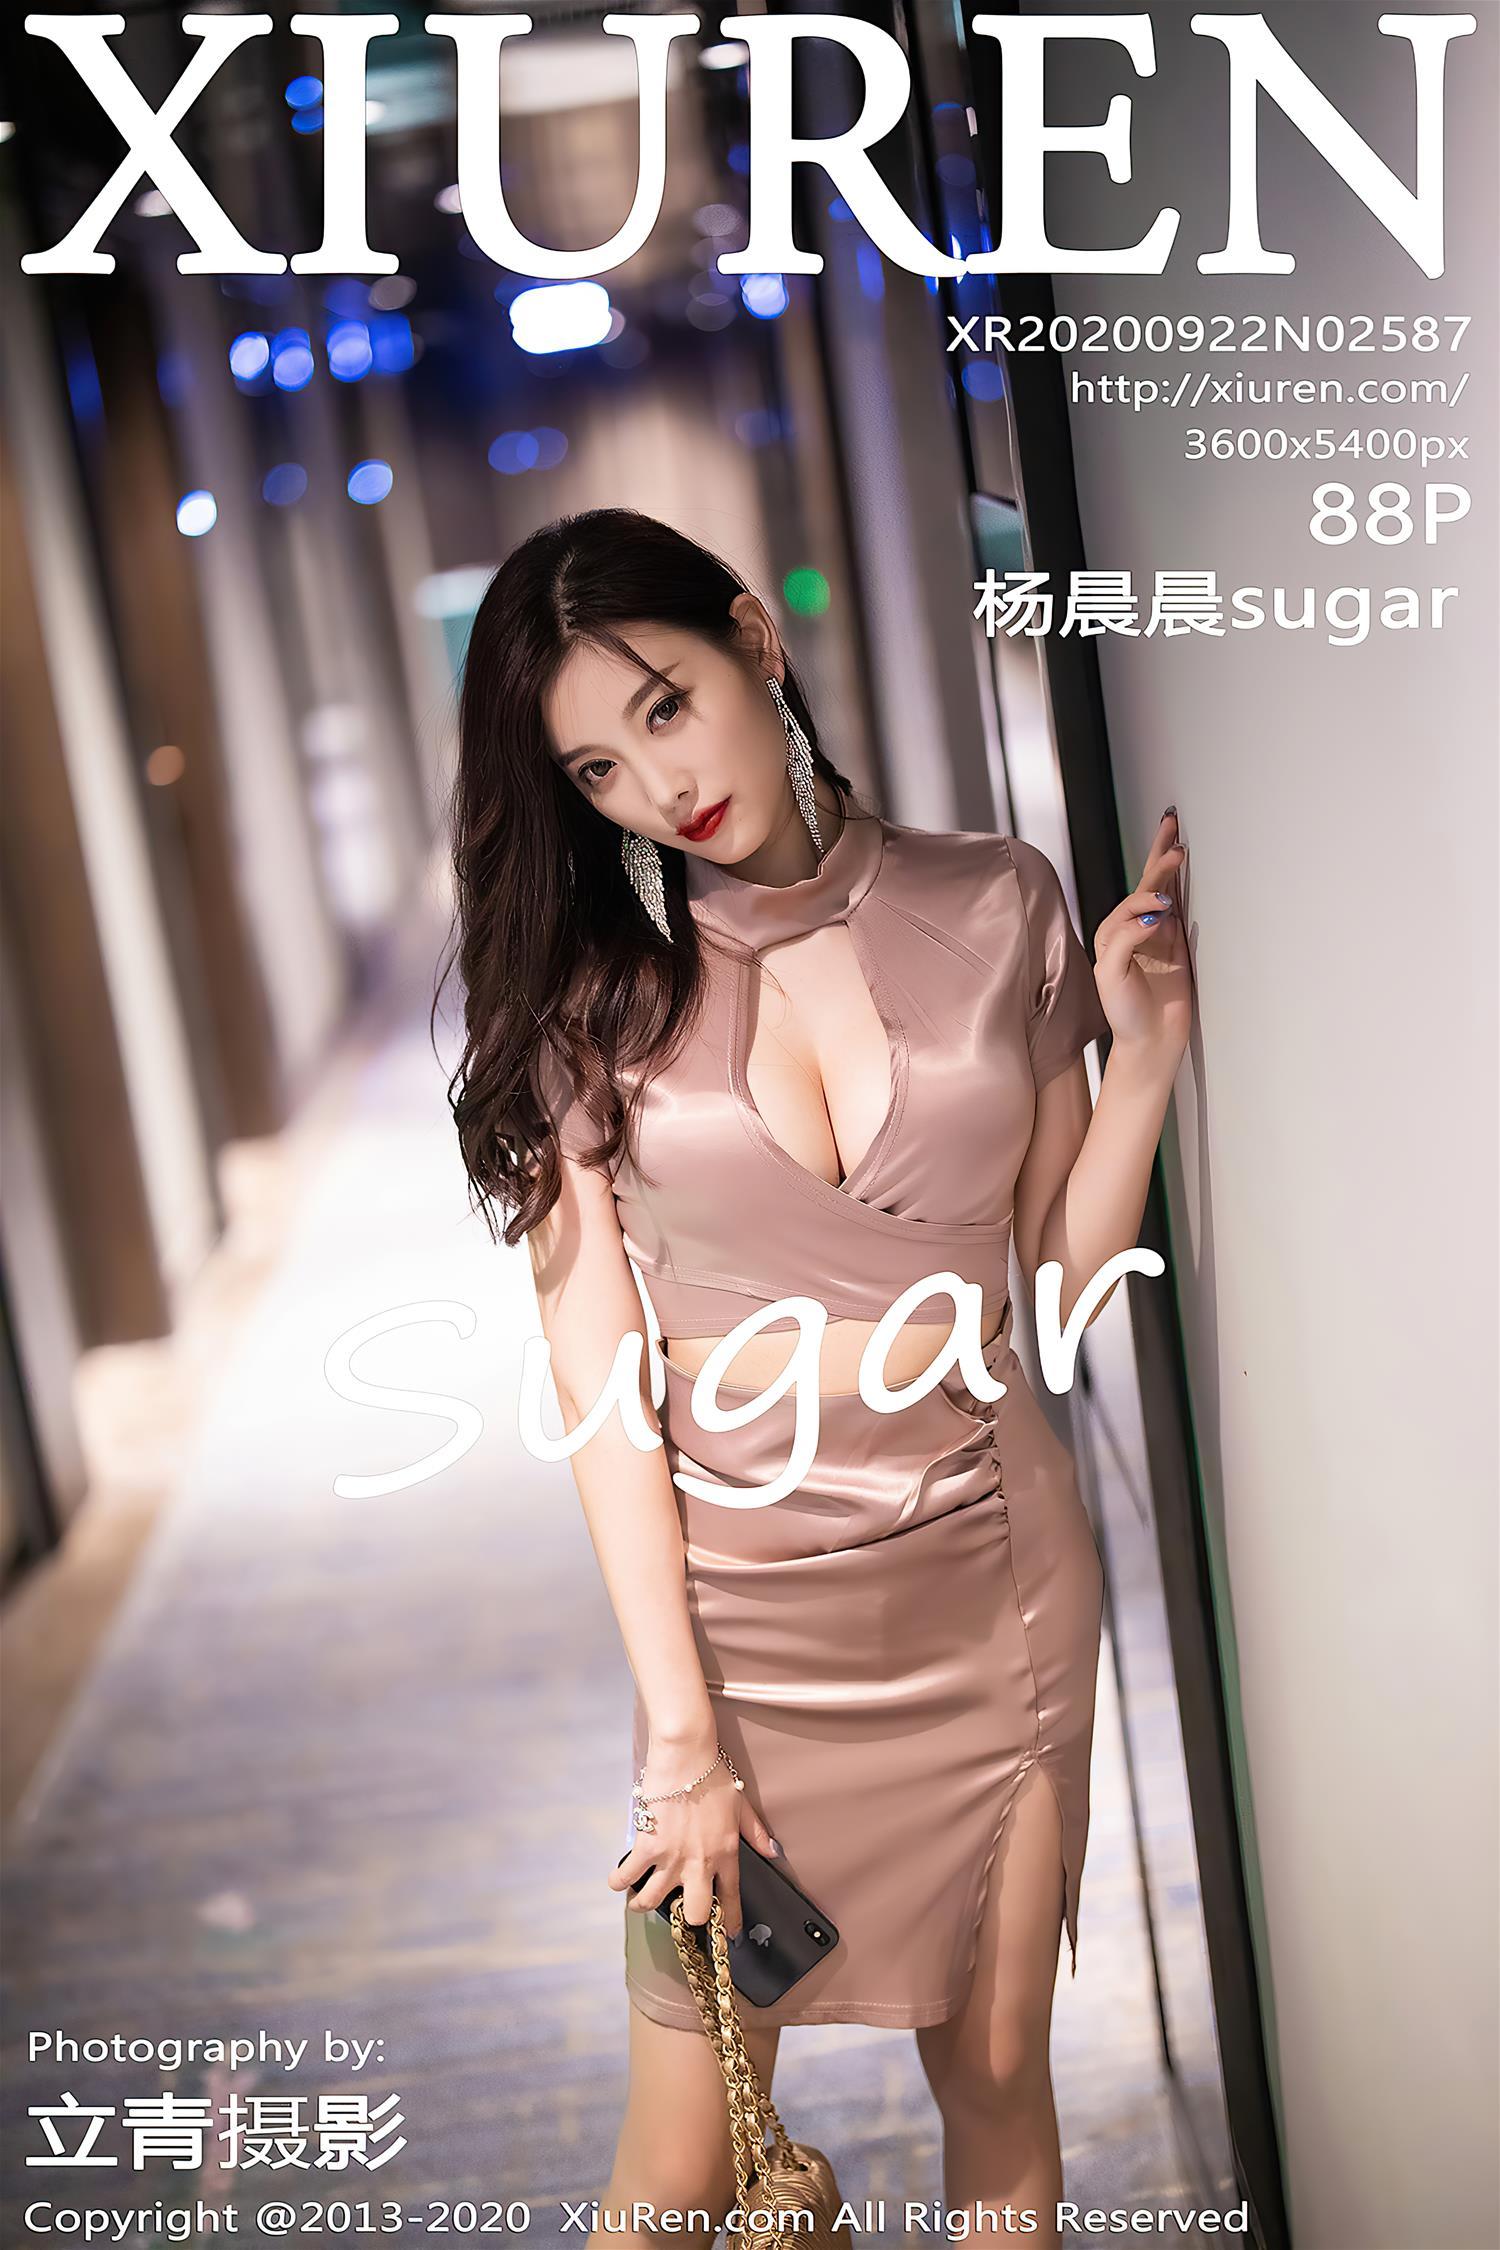 [XiuRen秀人网] 2020.09.22 NO.2587 杨晨晨sugar [89P]